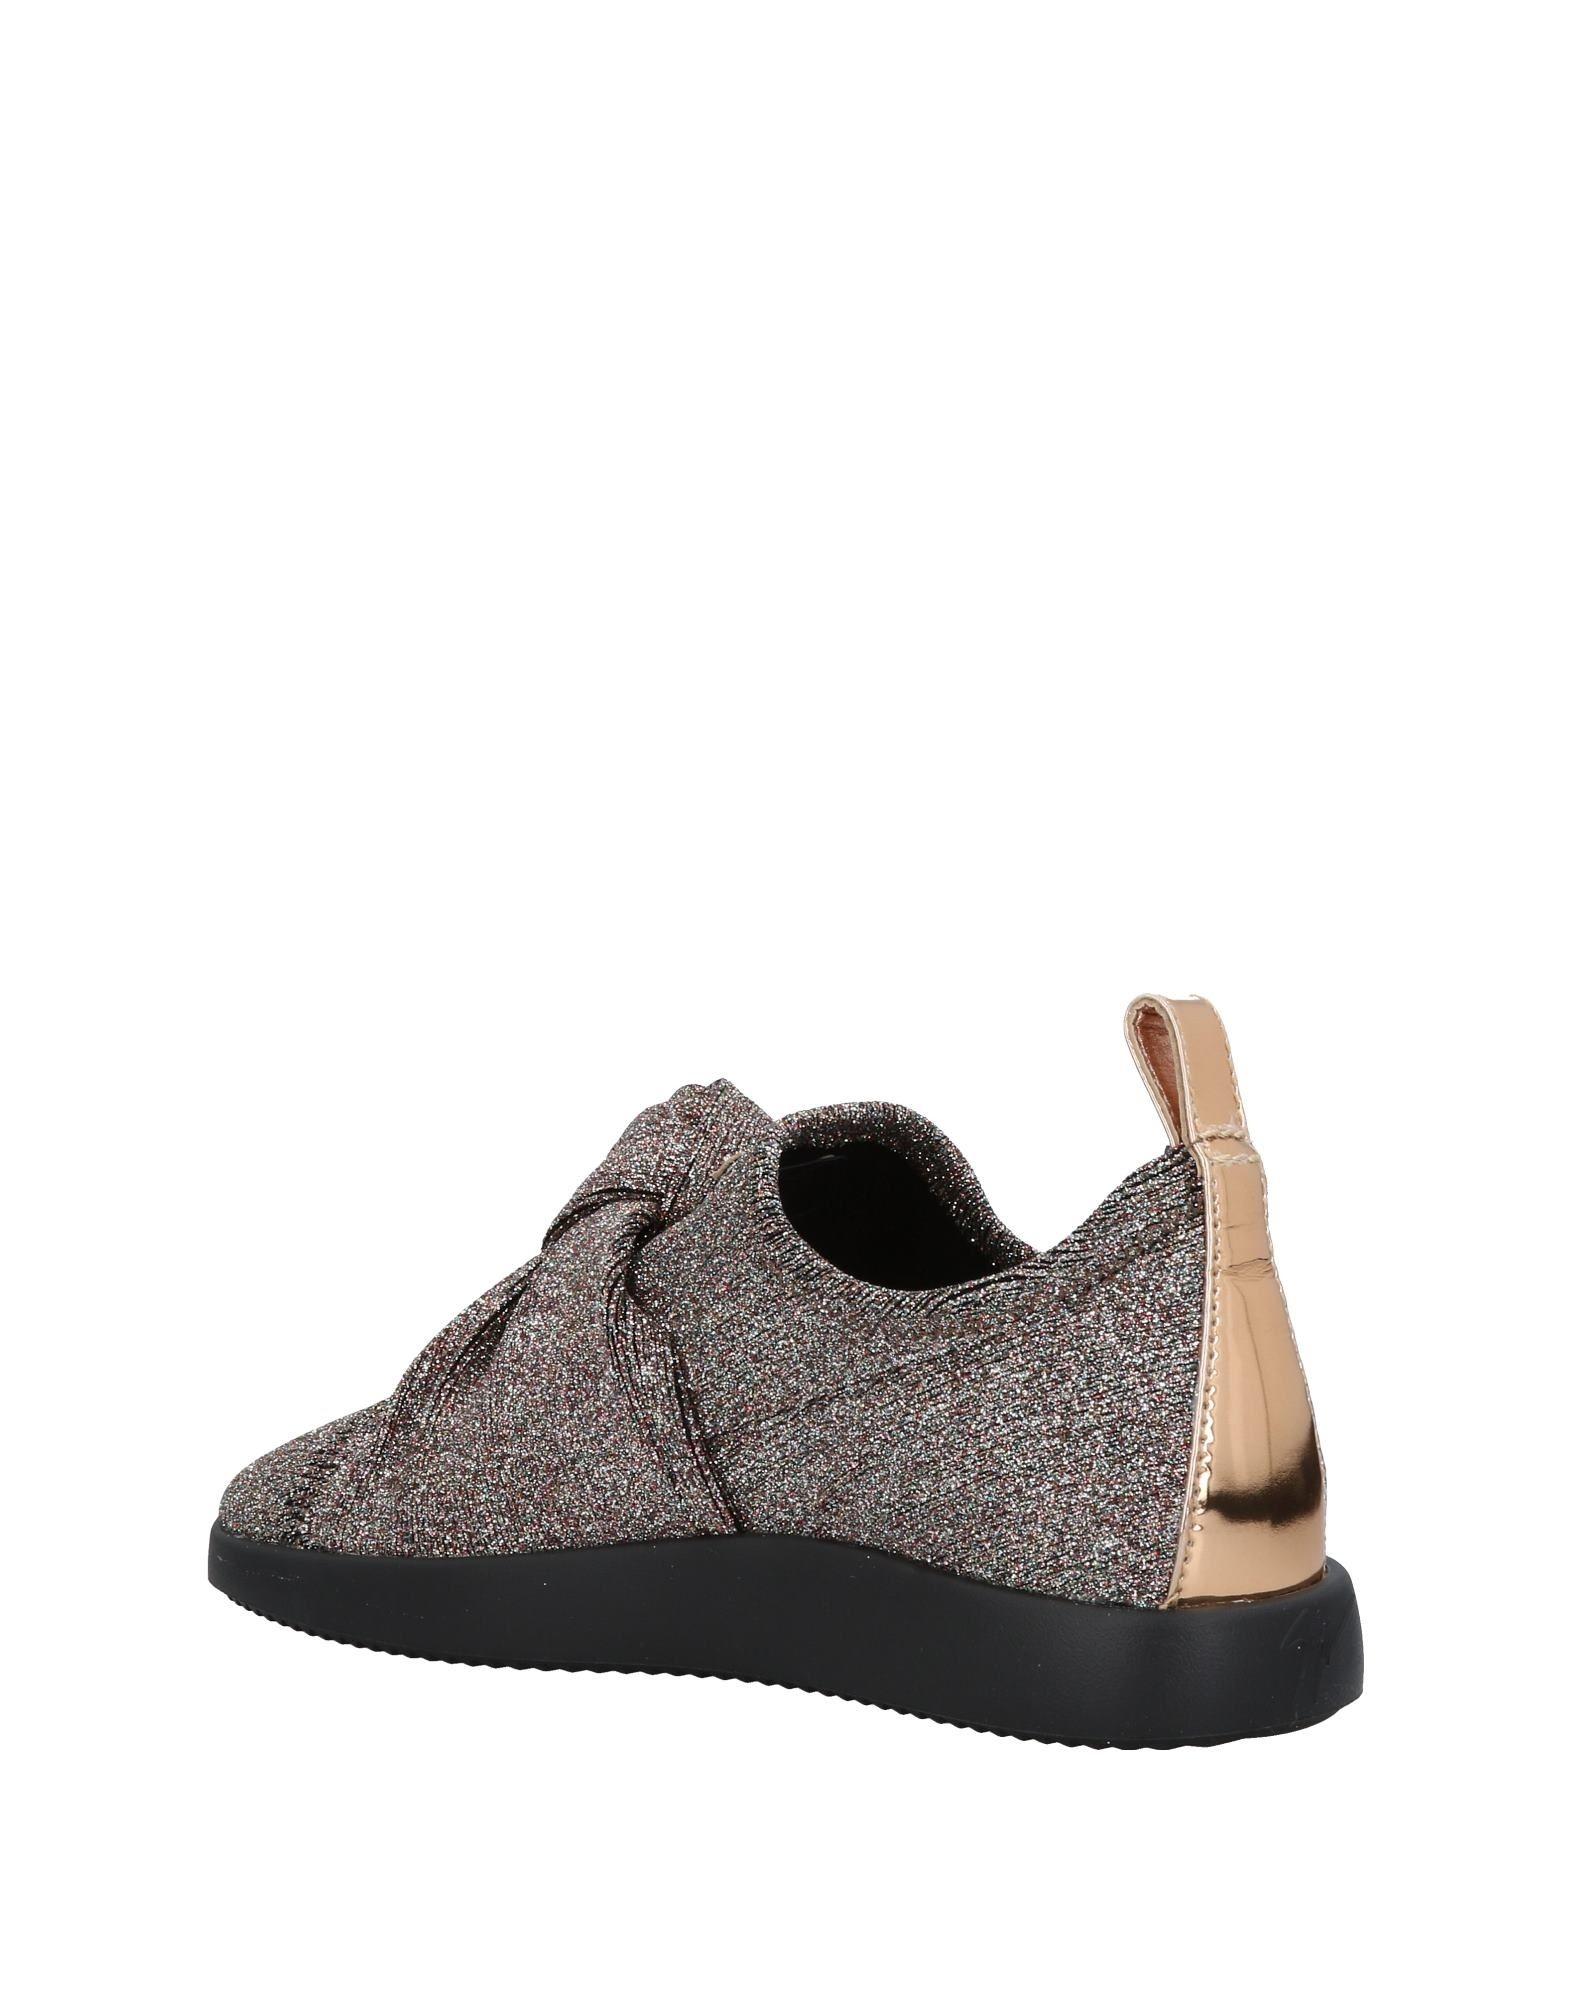 Rabatt Damen Schuhe Giuseppe Zanotti Sneakers Damen Rabatt  11447083FA 9645c6